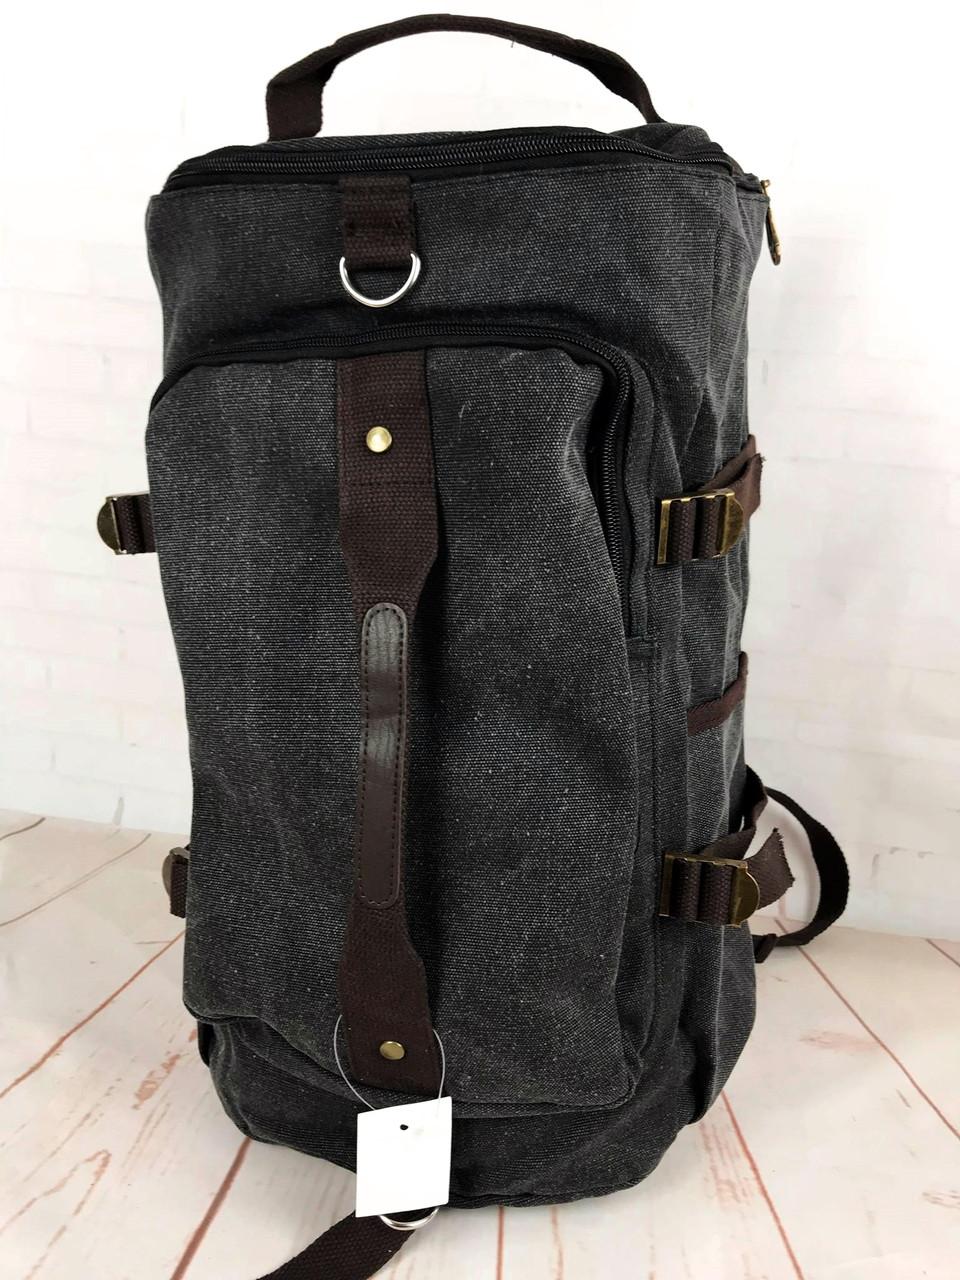 99f91f6a1cc3 Рюкзак мужской. Дорожный, вместительный рюкзак. Сумка-рюкзак КСС54-3, фото